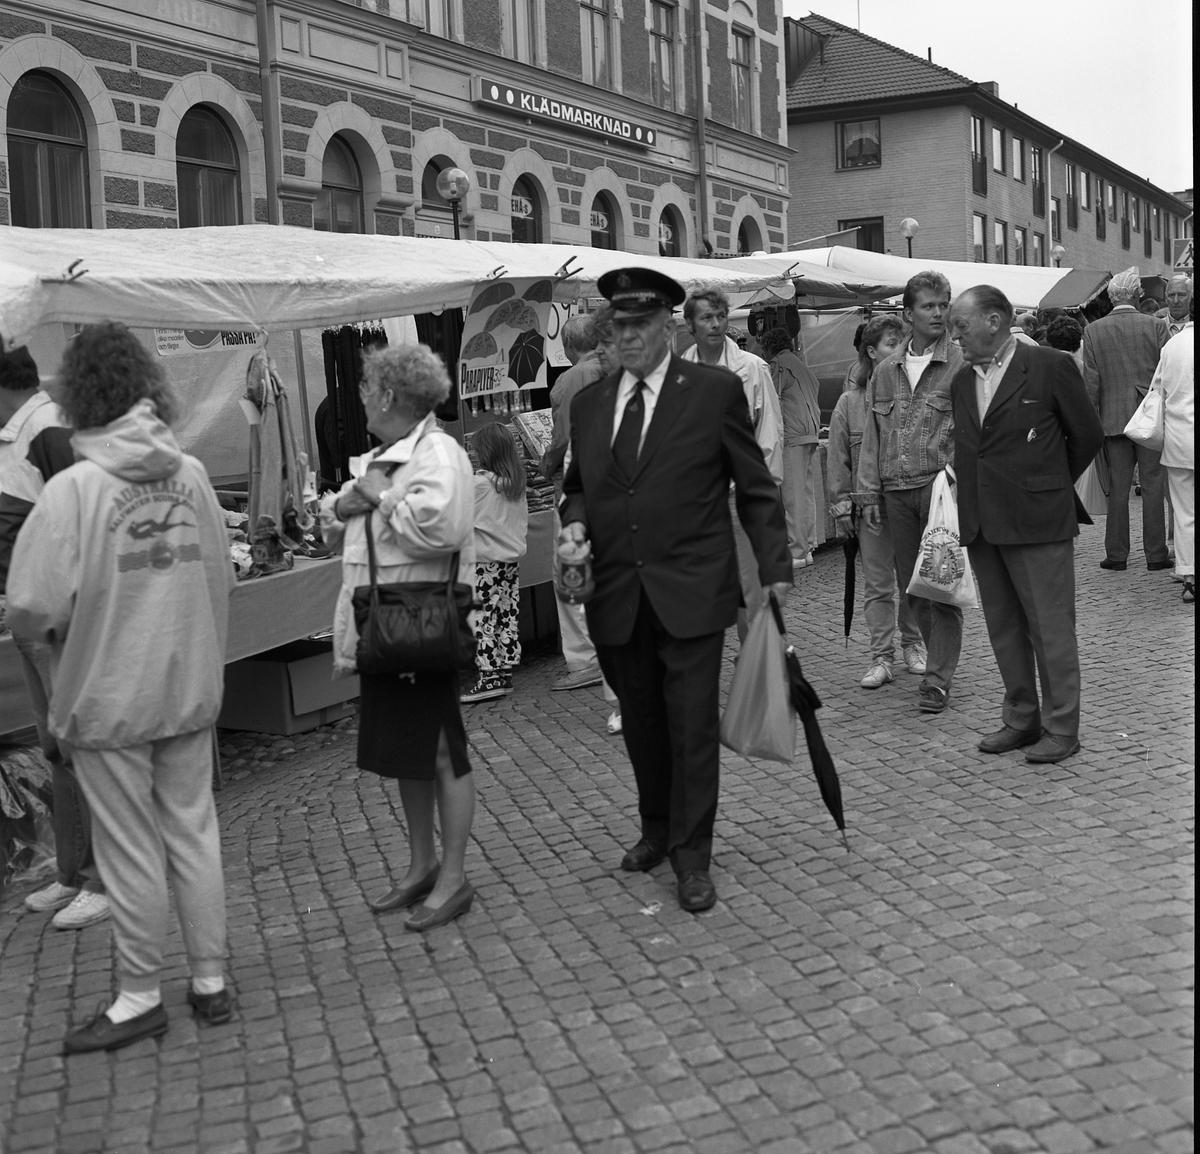 """Höstmarknad. Människor i alla åldrar strosar bland torgstånden. Där erbjuds bland annat paraplyer. En man i Frälsningsarméns uniform promenerar med en insamlingsbössa i ena handen. Paret bakom honom, klädda i jeansjackor, är Annika Sörén och Lars Sörén. I bakgrunden ses """"Gamla Sparbankshuset"""" med klädbutiken """"TeHås"""" i hörnet Järntorget - Rådhusgatan."""